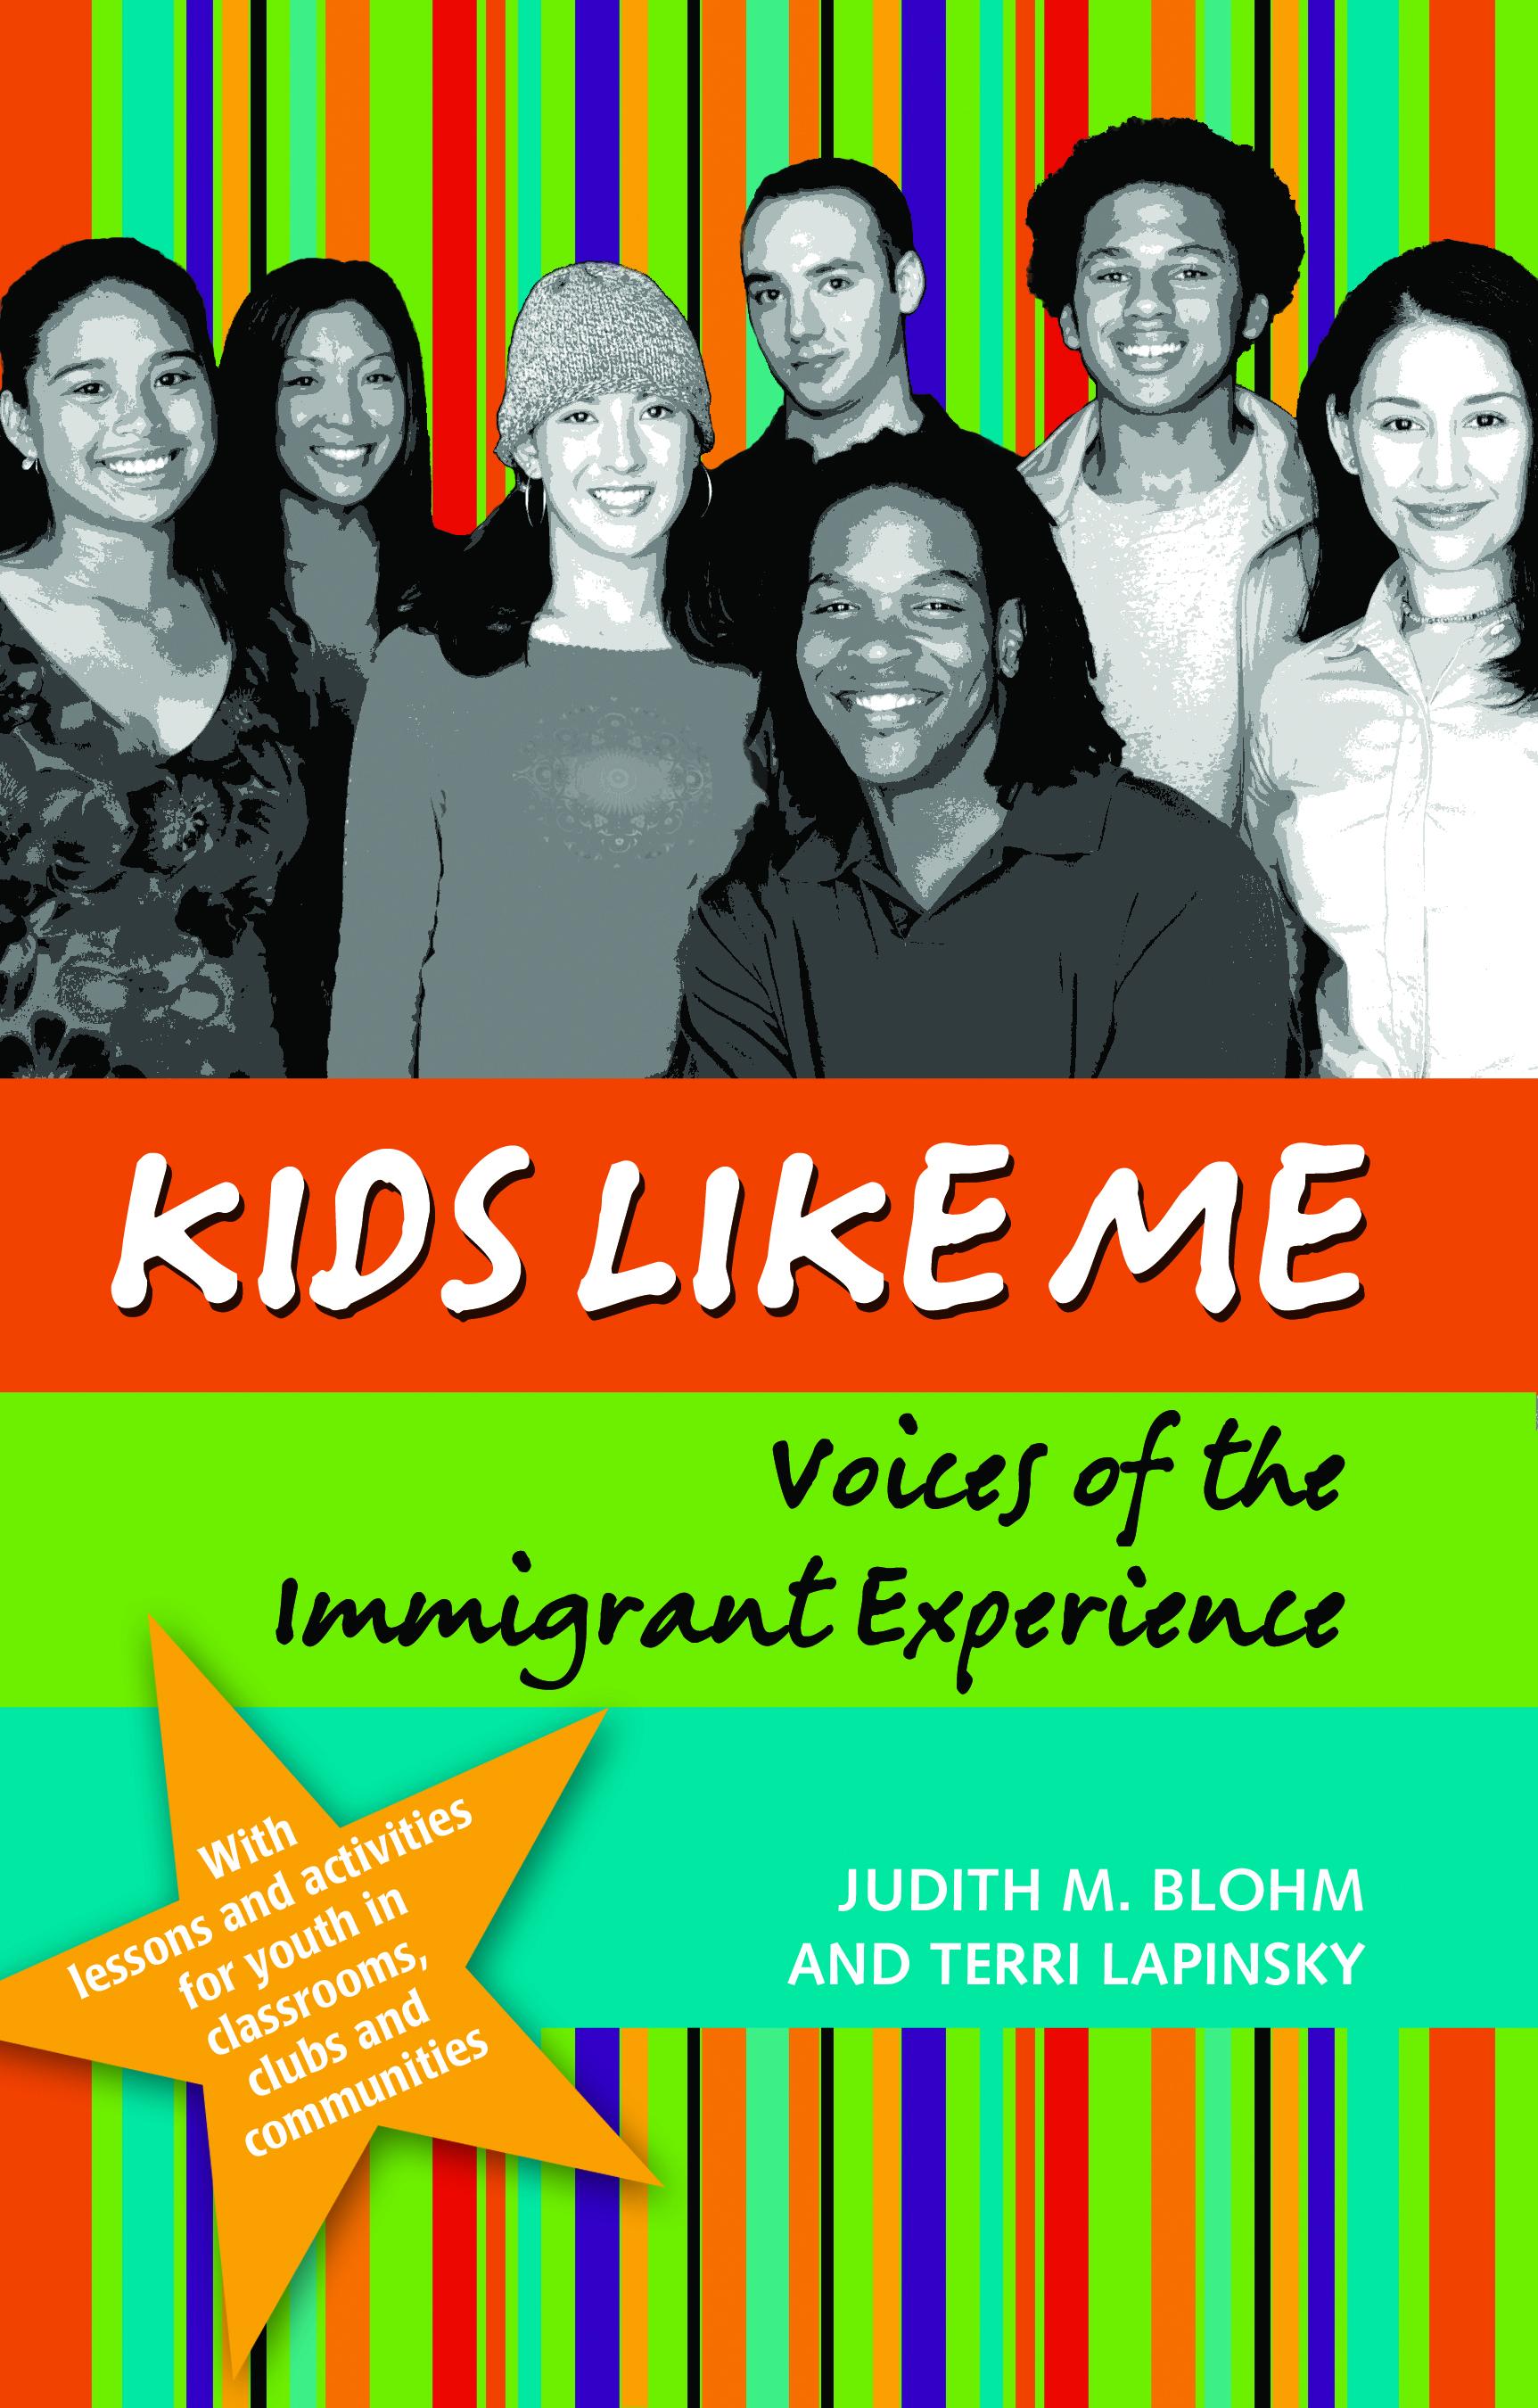 KidsLikeMe hi-res.jpg